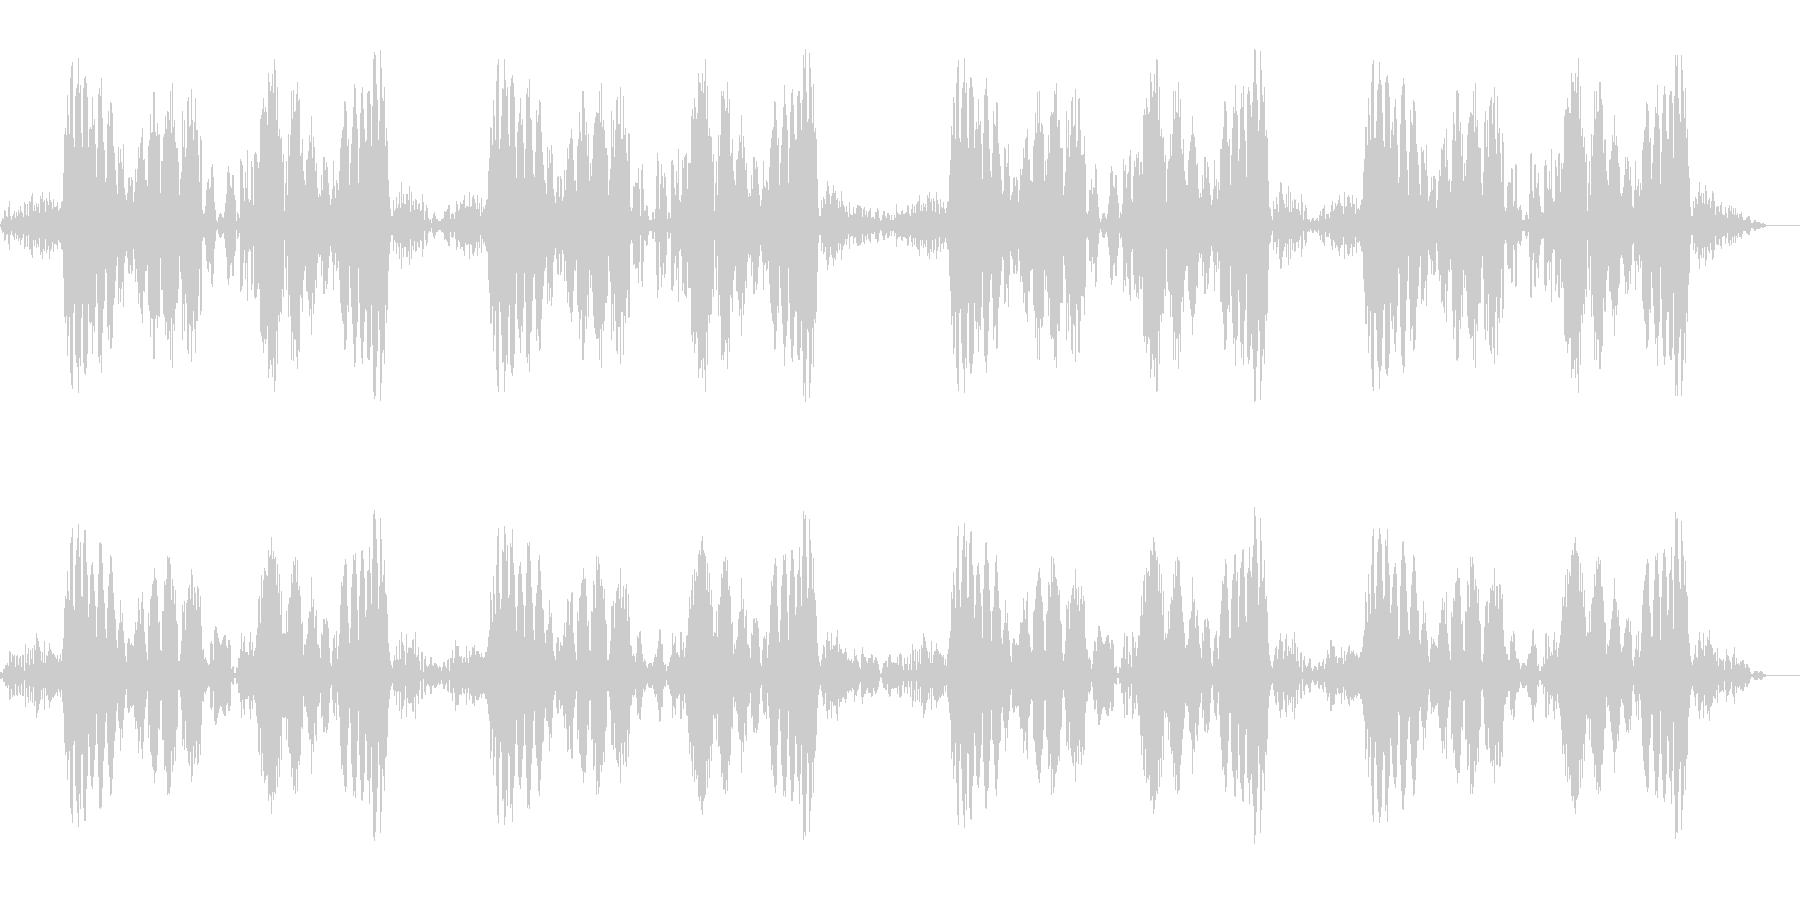 キュパ×4回(レコードスクラッチの音)の未再生の波形